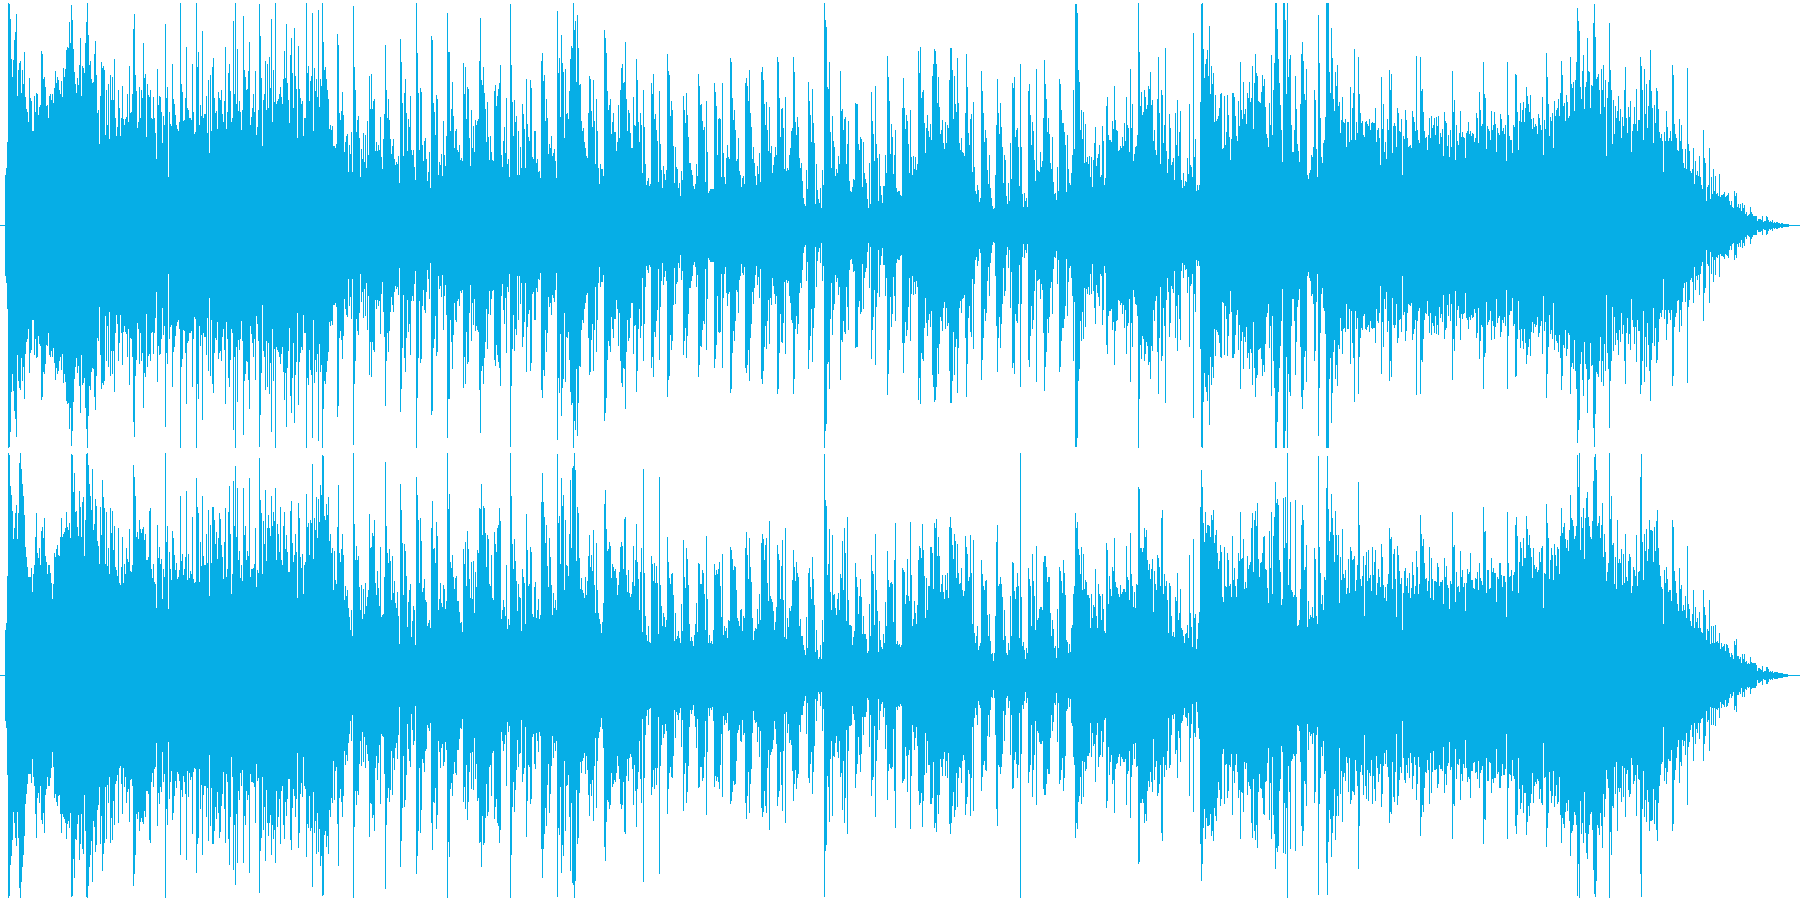 ややテンション抑えめのバトル曲。の再生済みの波形